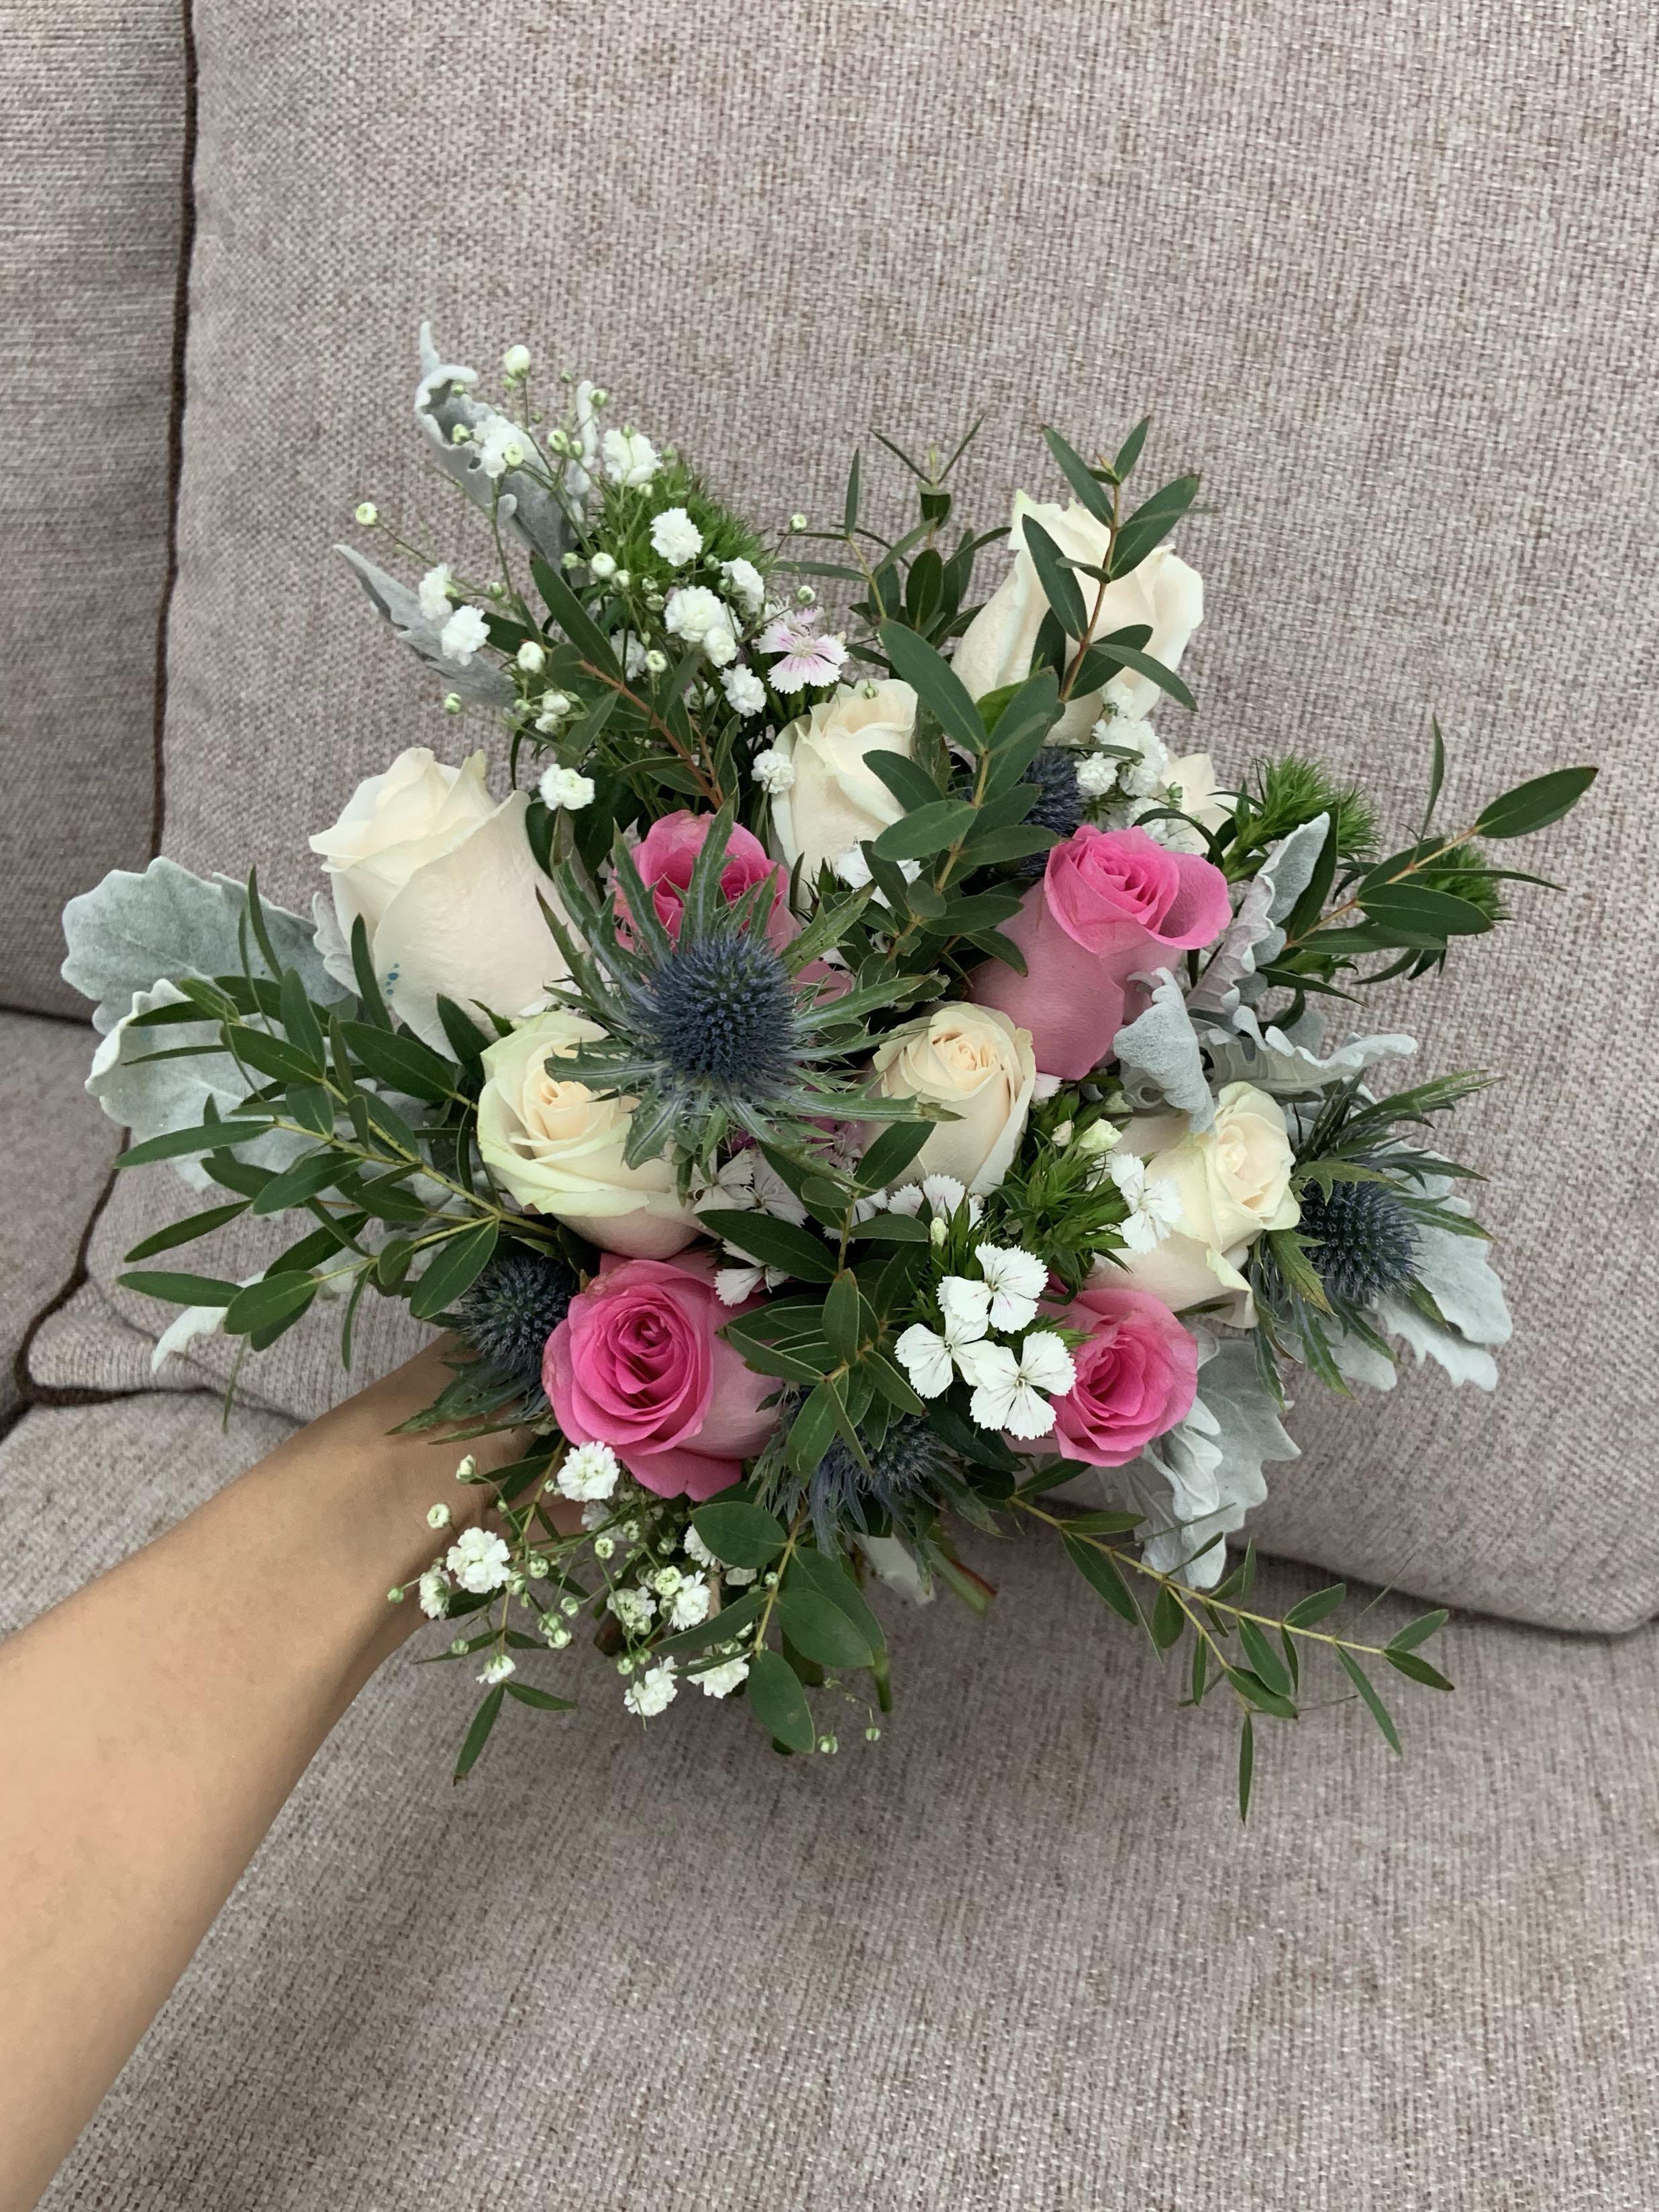 Bridal bouquet(11 roses)